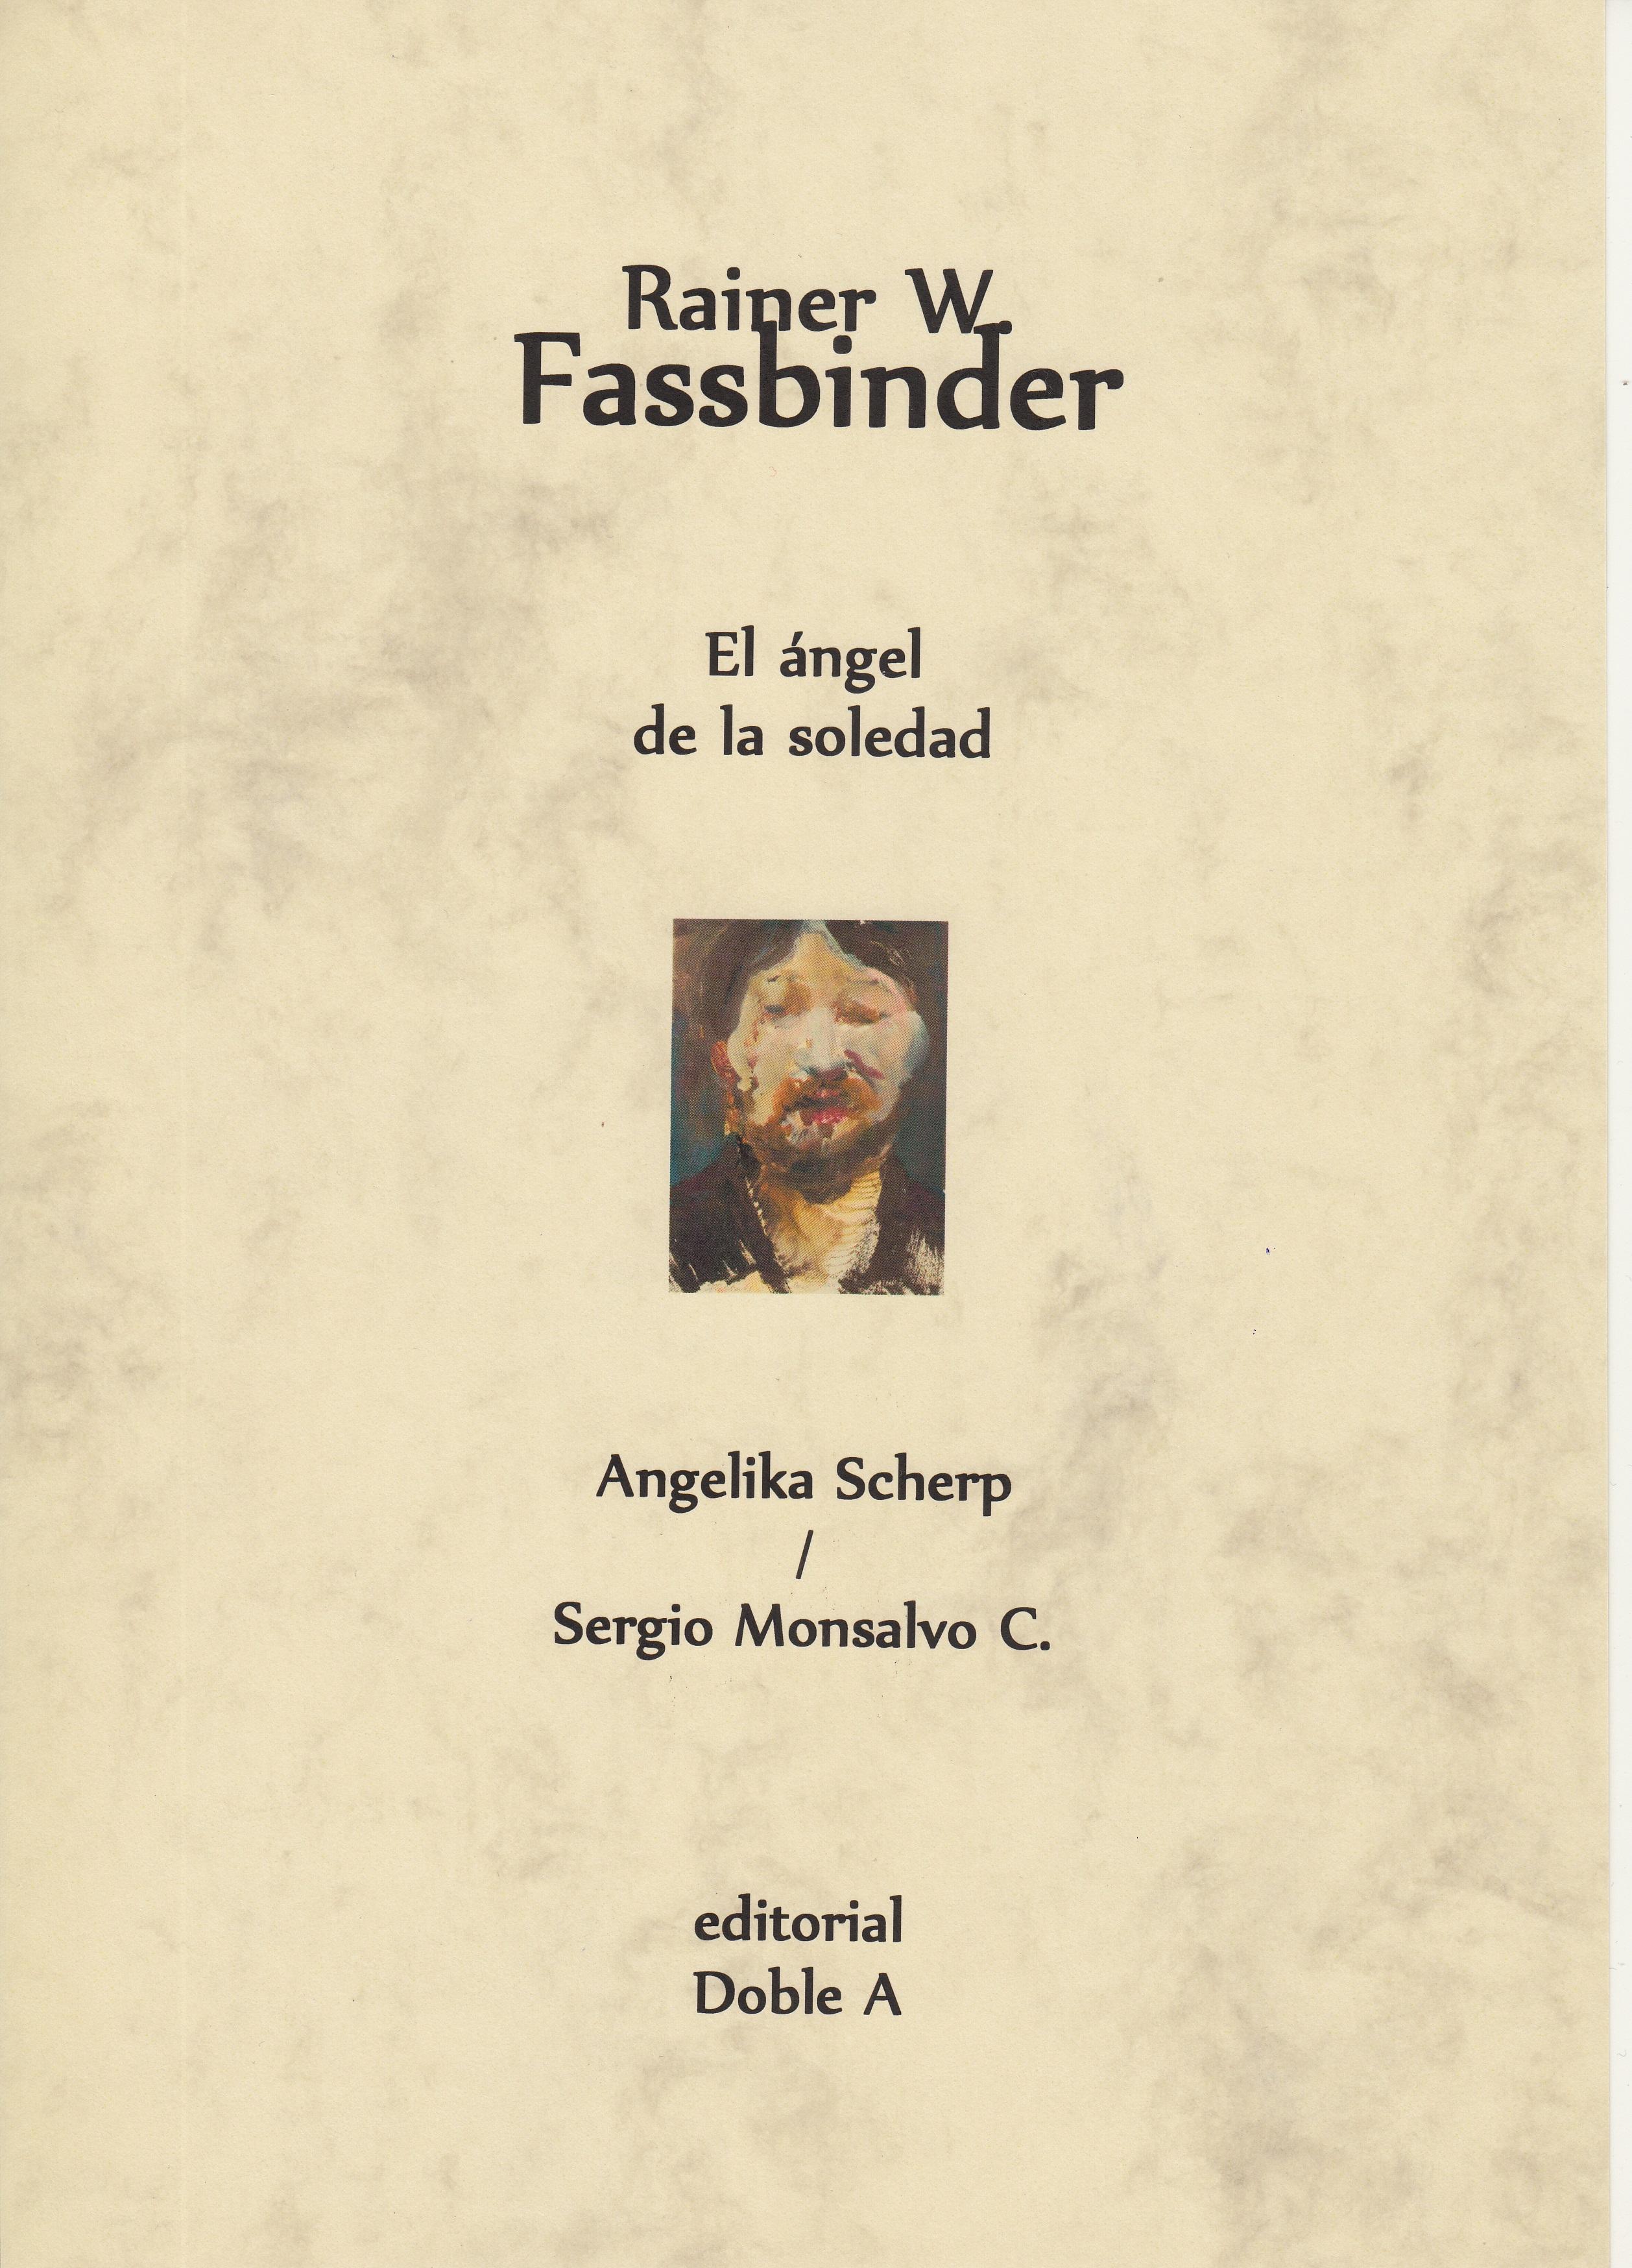 RAINER WERNER FASSBINDER (PORTADA)